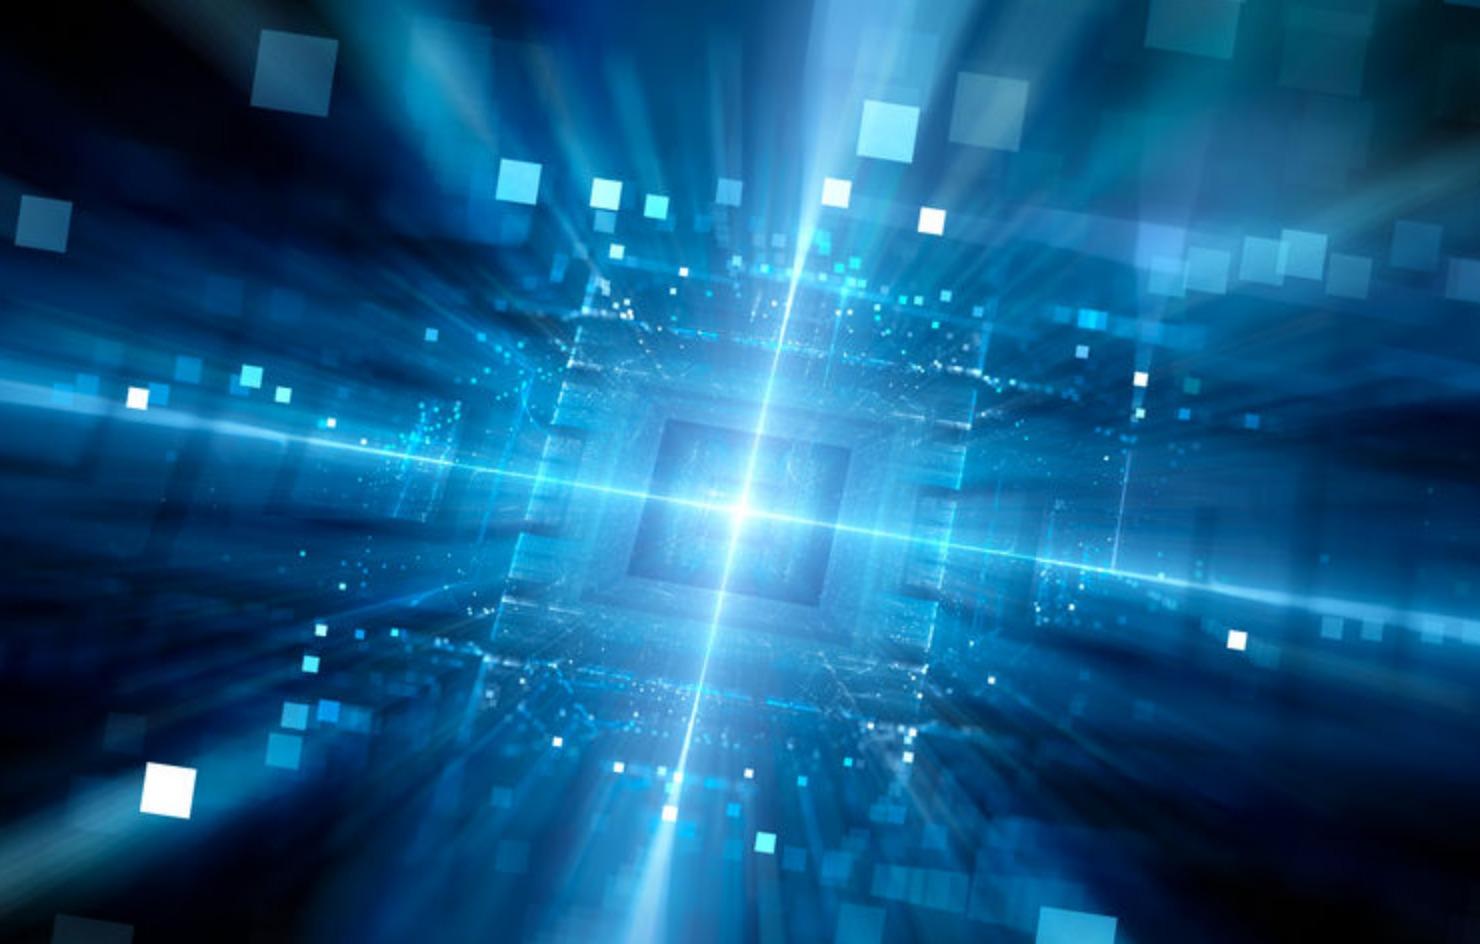 国际领先三维传感系统供应商驭光平安彩票网获亿元投资